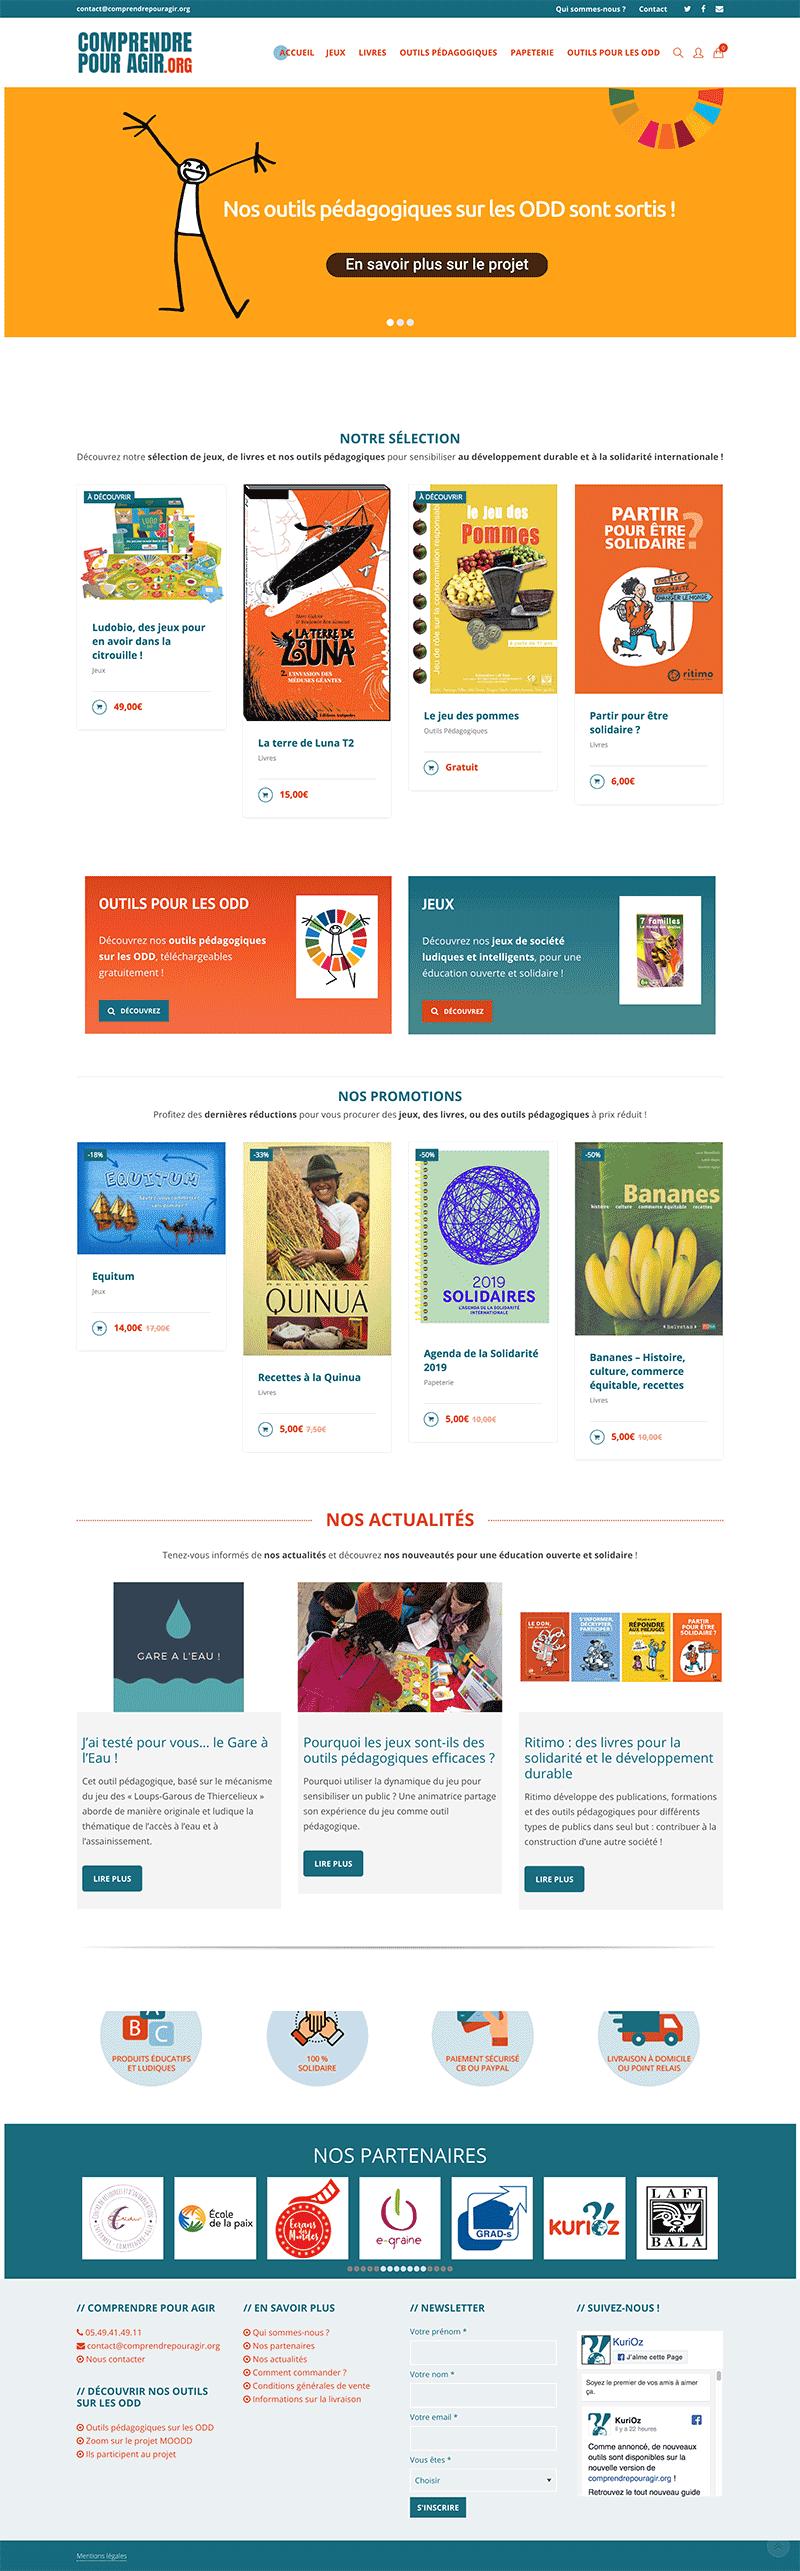 Site internet Woocommerce Comprendre pour Agir